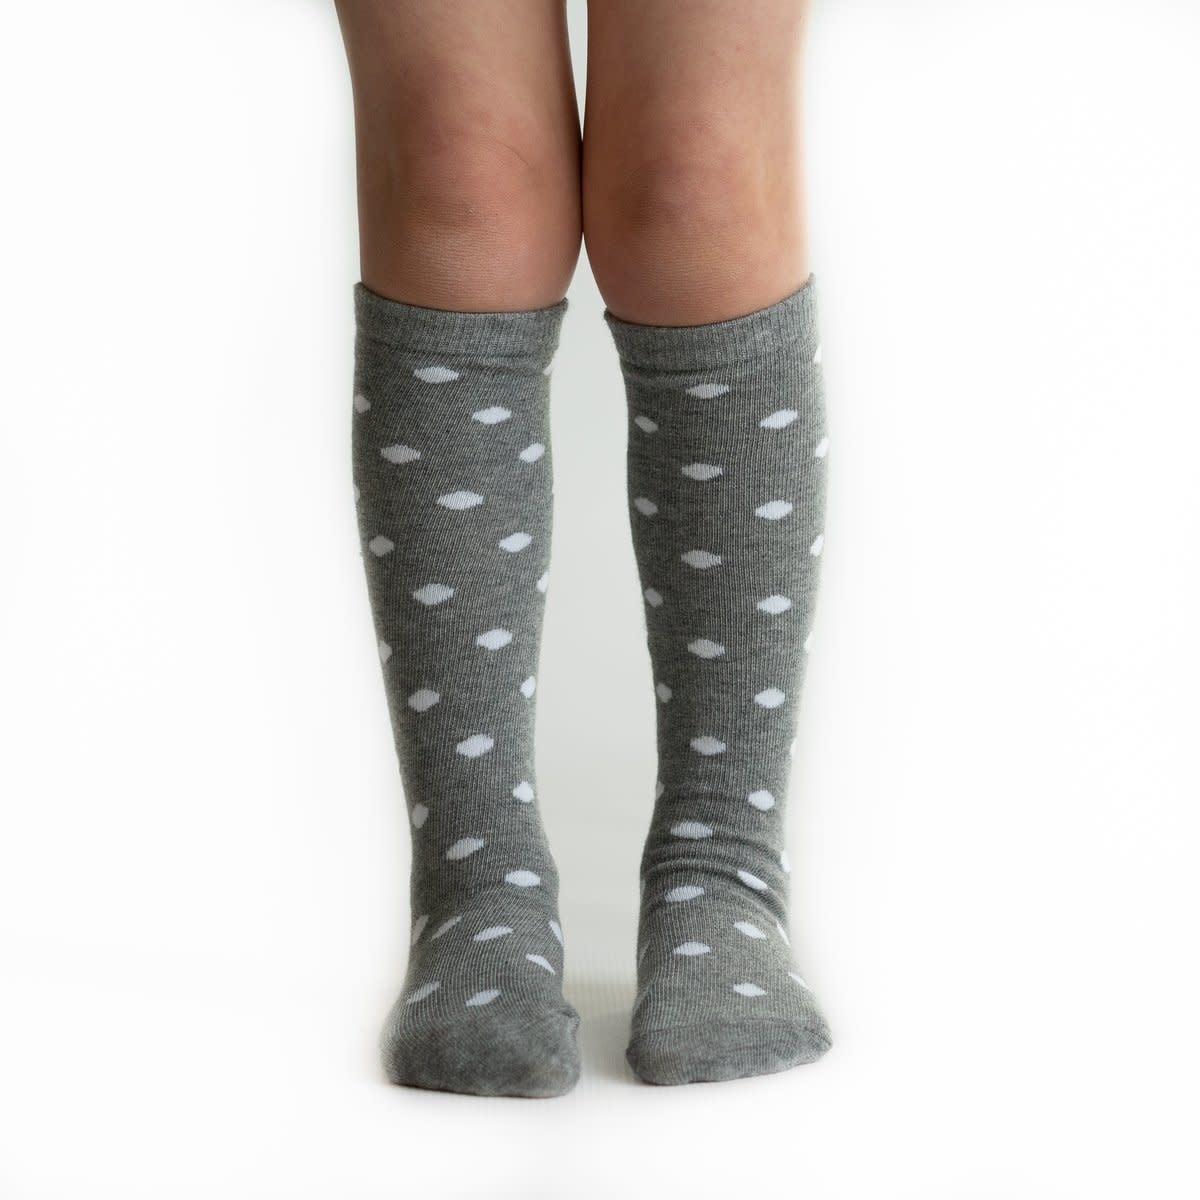 Little Stocking Co. Gray Dot Knee Highs